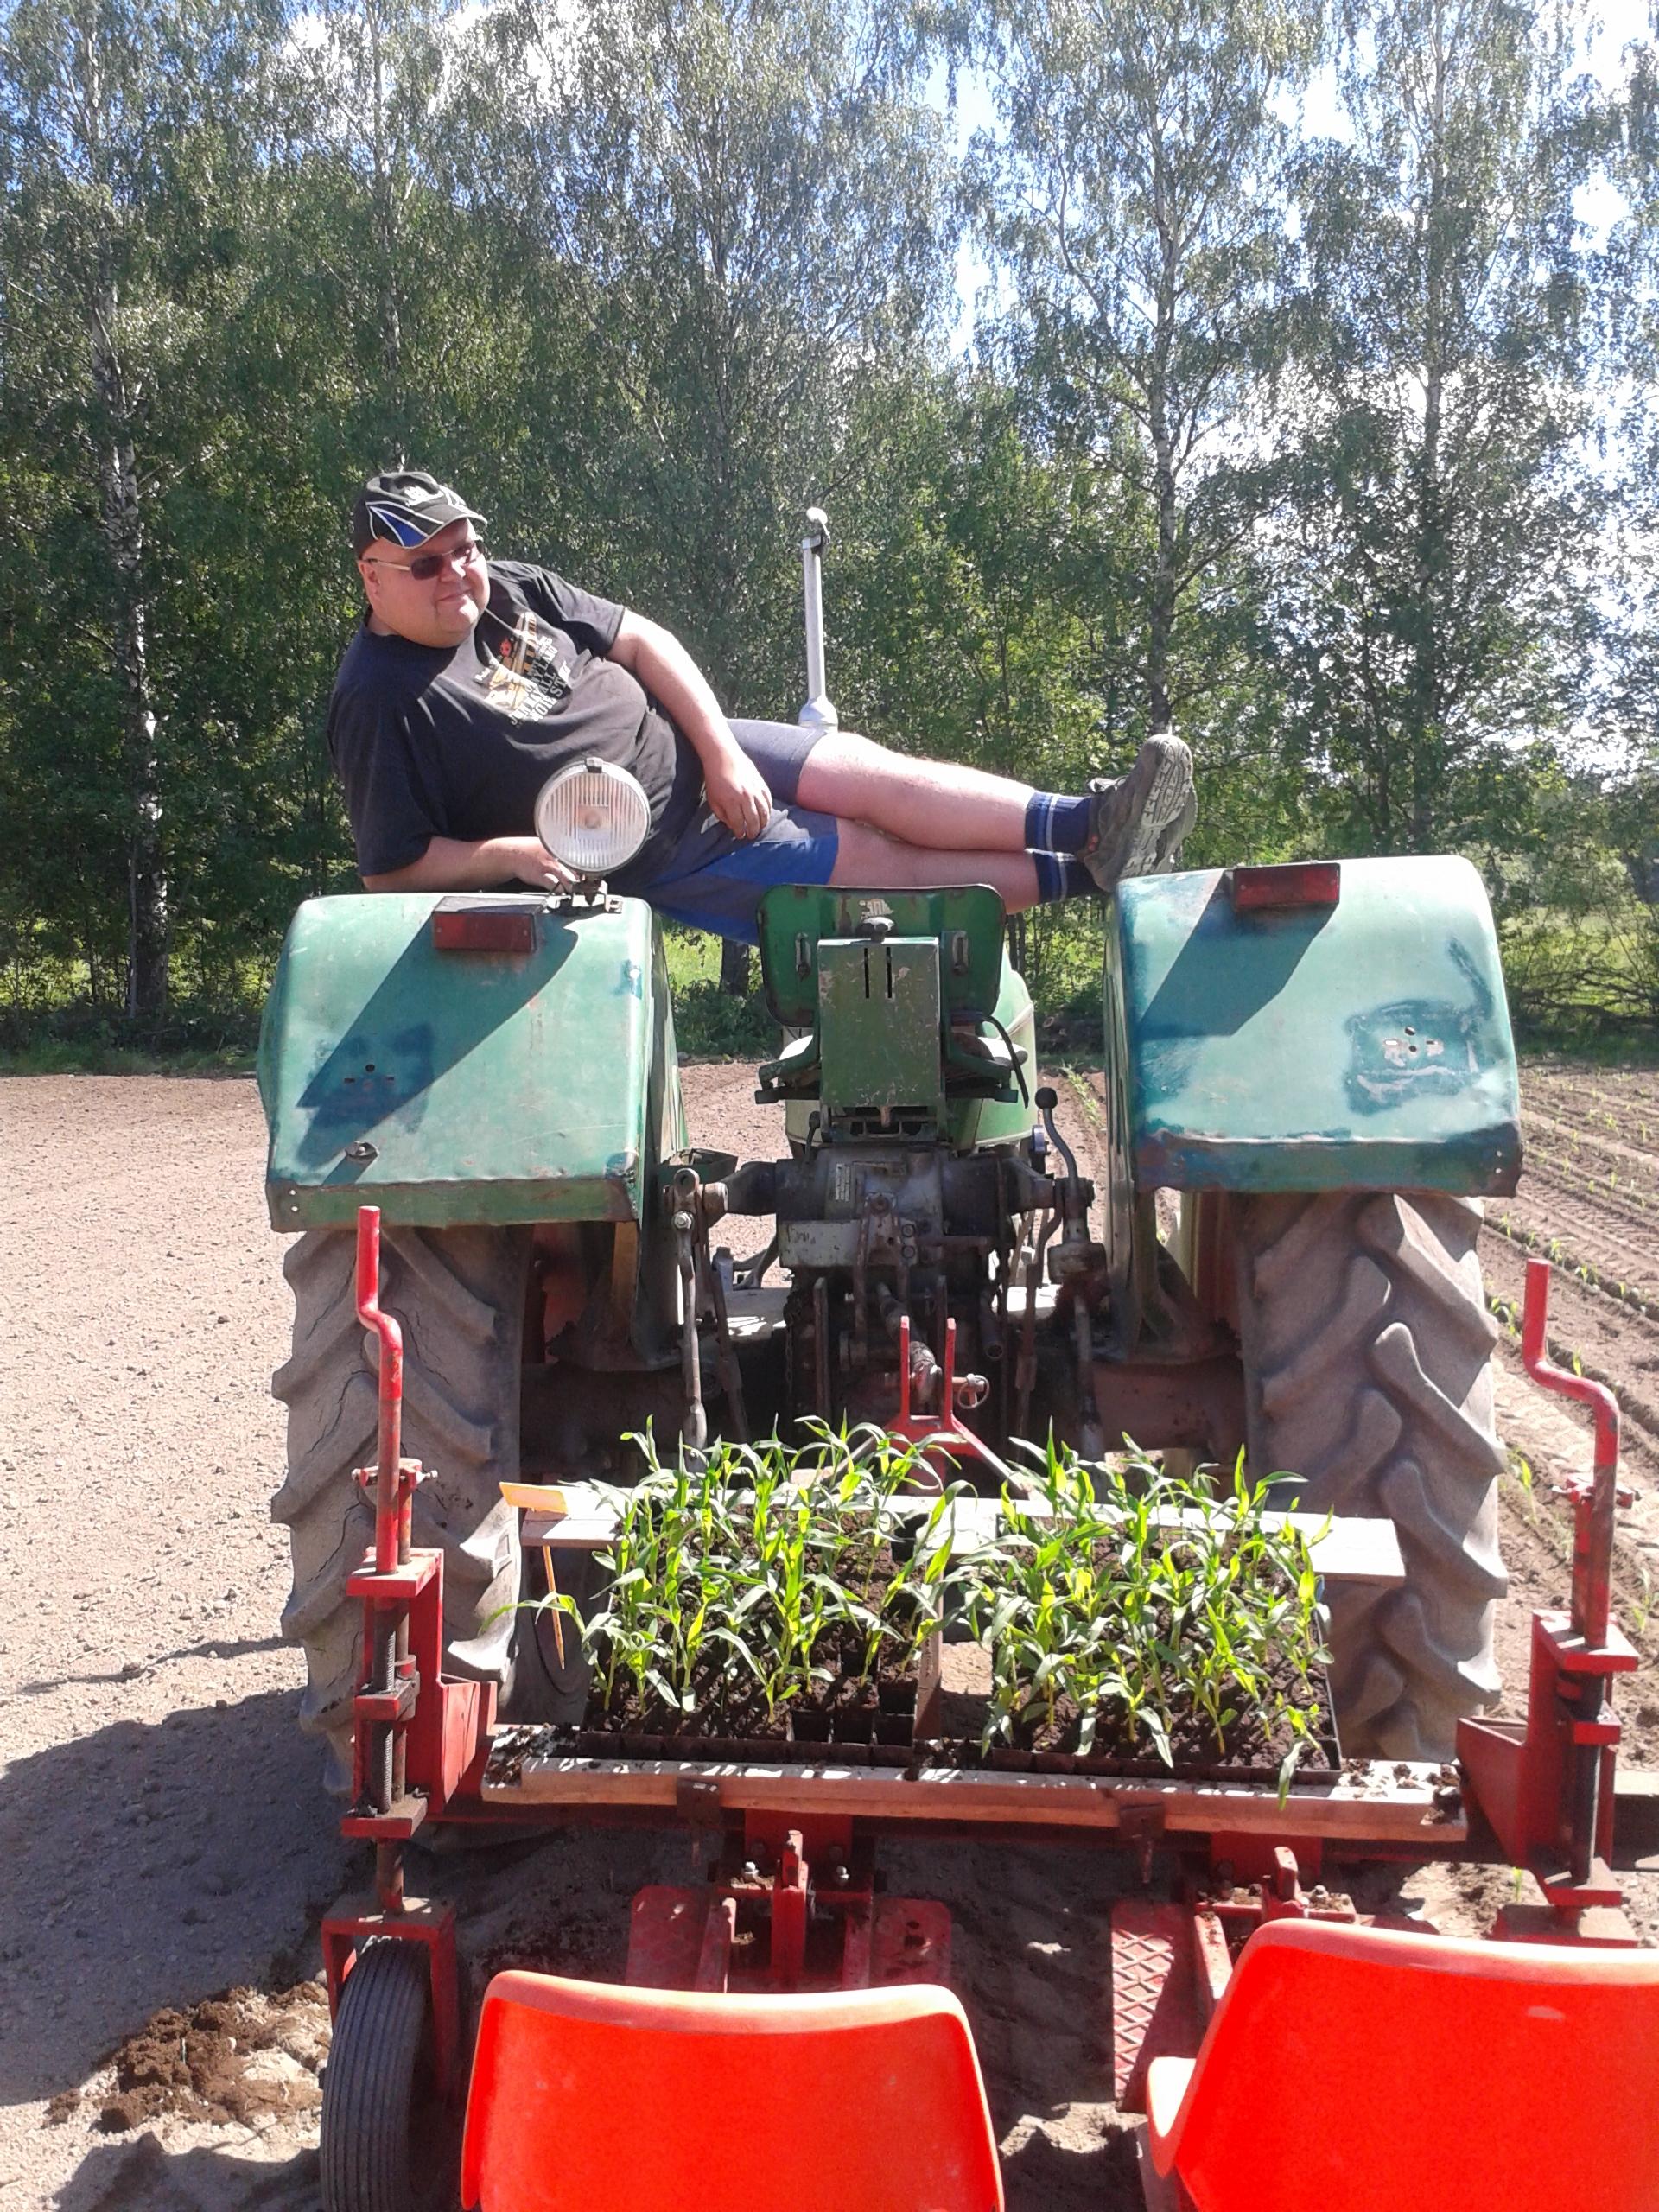 Peltogym: Timo venyttelee taimien istutuksen lomassa, ergonomia huomioiden